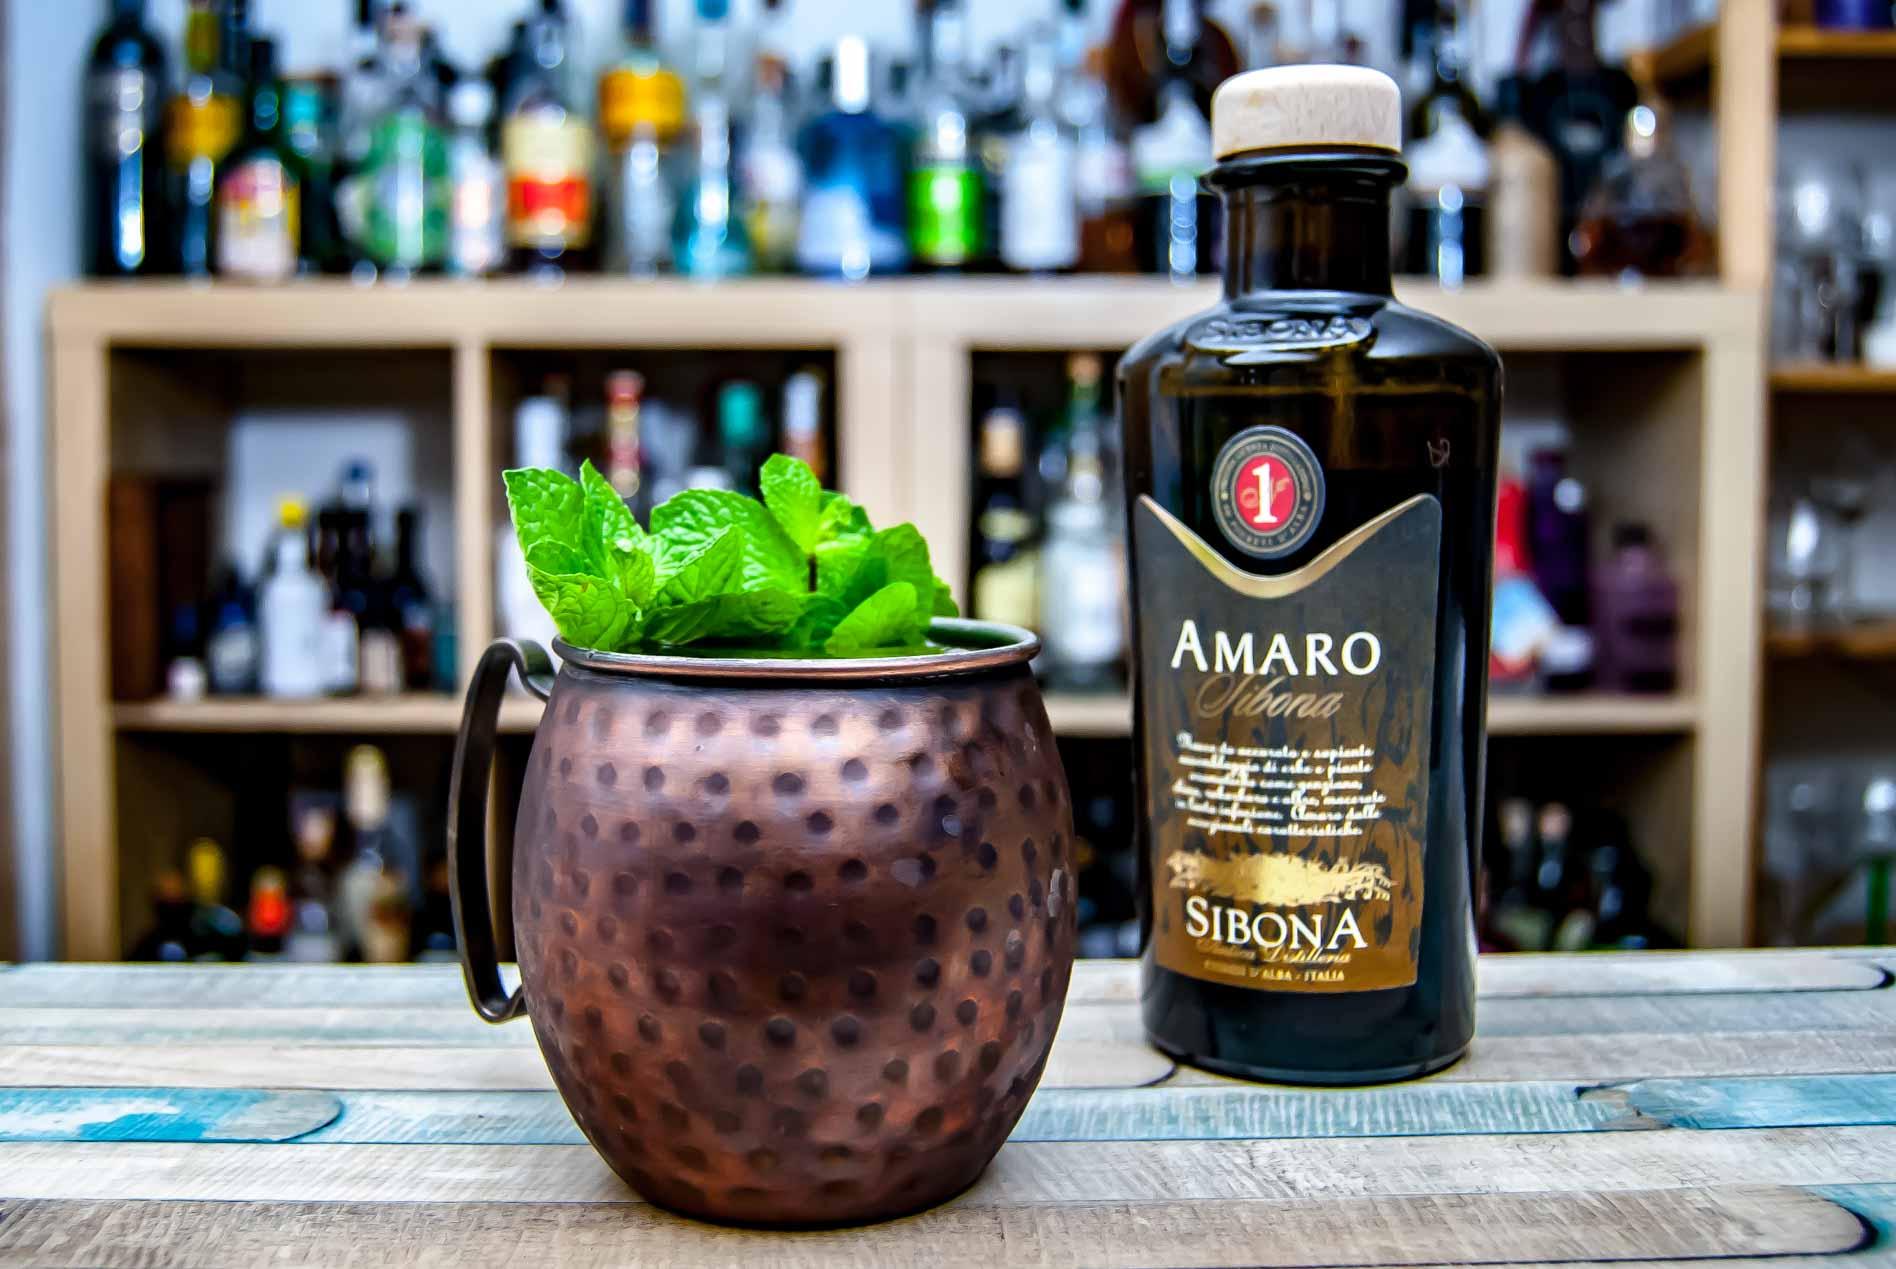 Der Piment Mule ist einer der Hausdrinks des Sibona Amaro - und trotz der etwas seltsam erscheinend Kombi erstaunlich lecker.